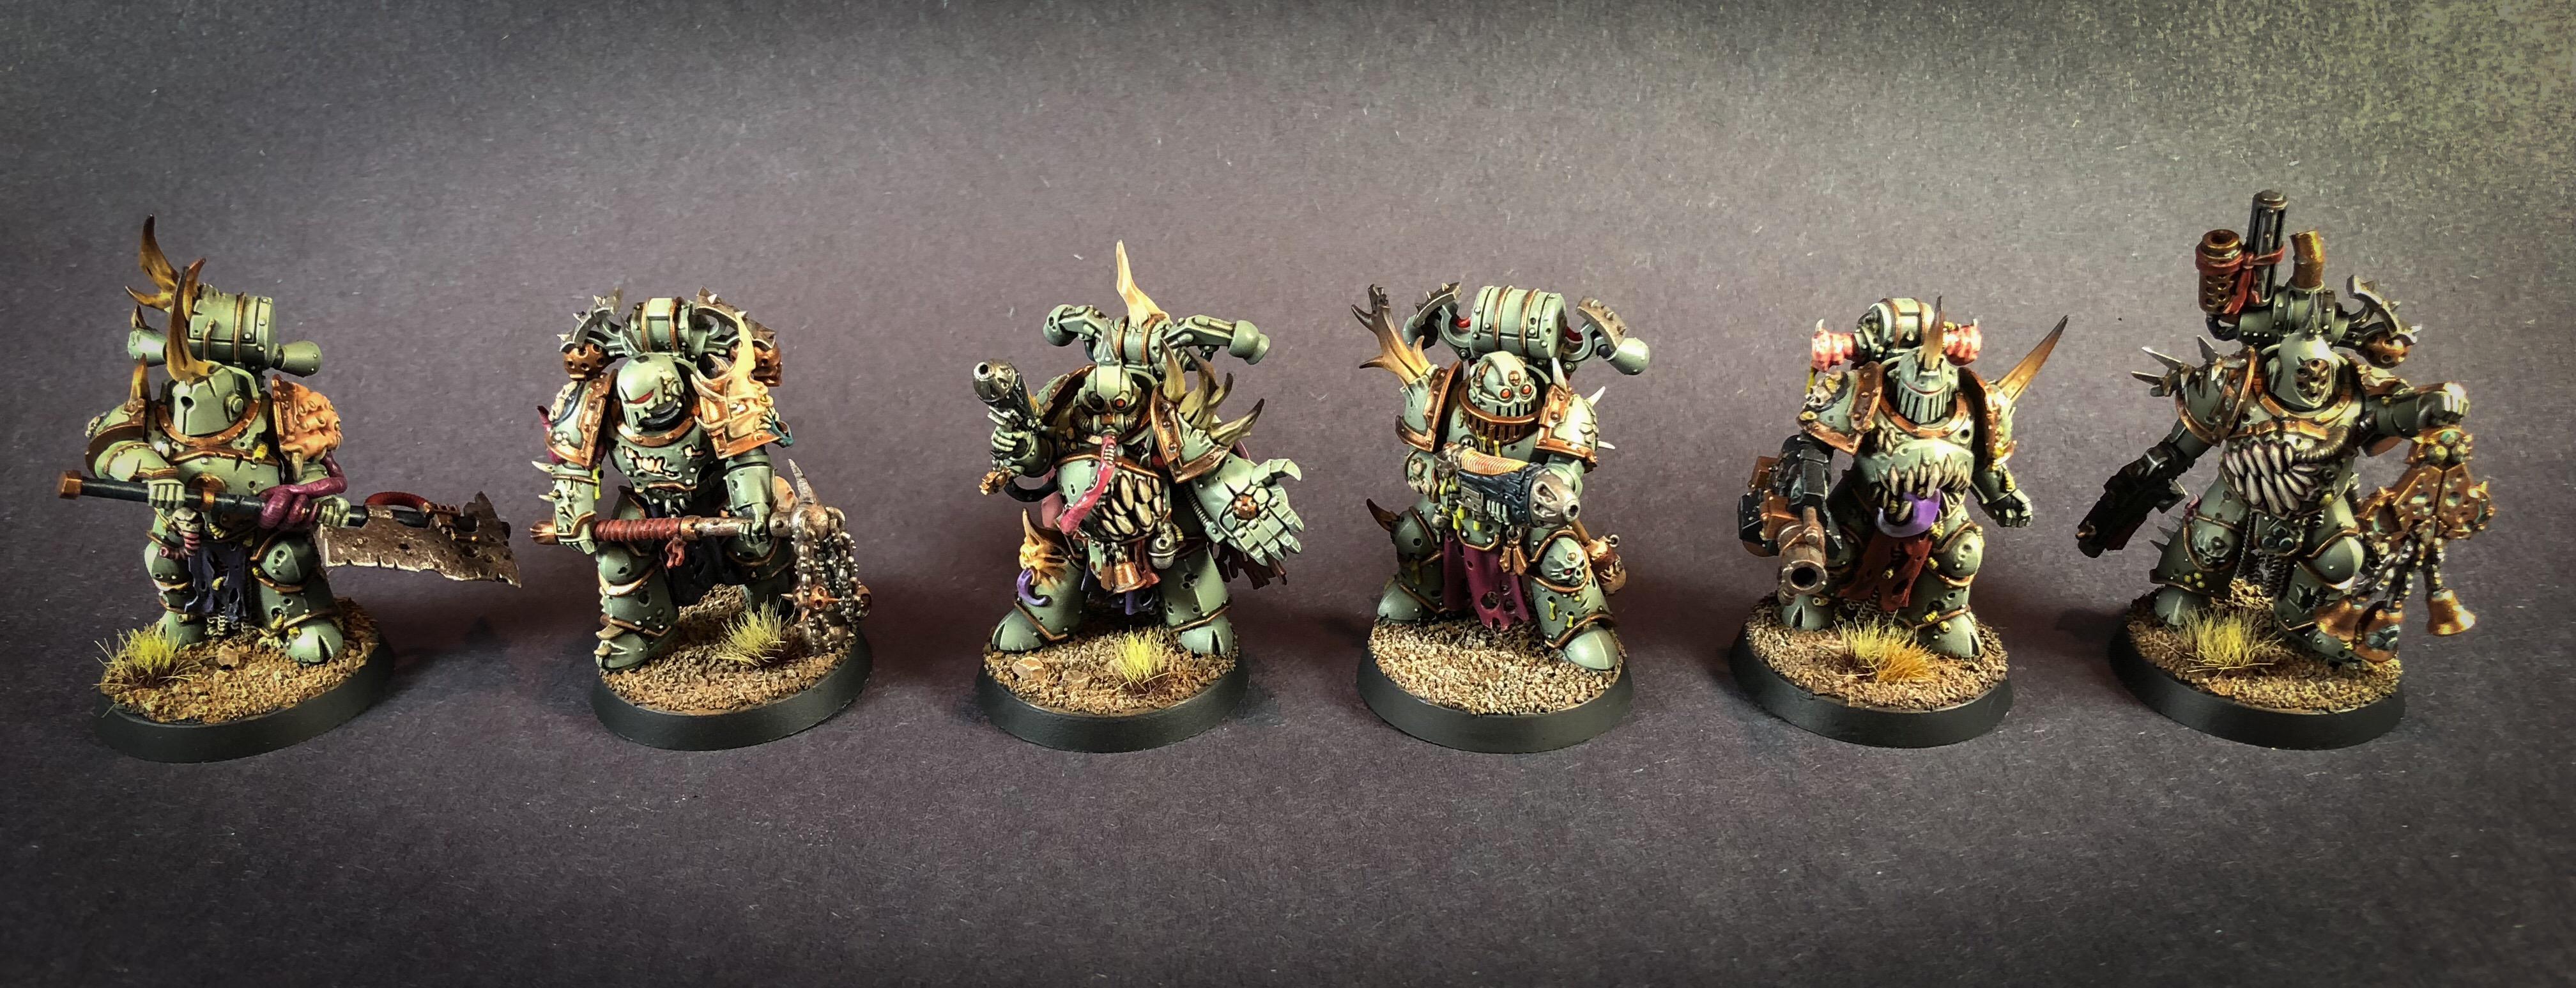 Death Guard, Nurgle